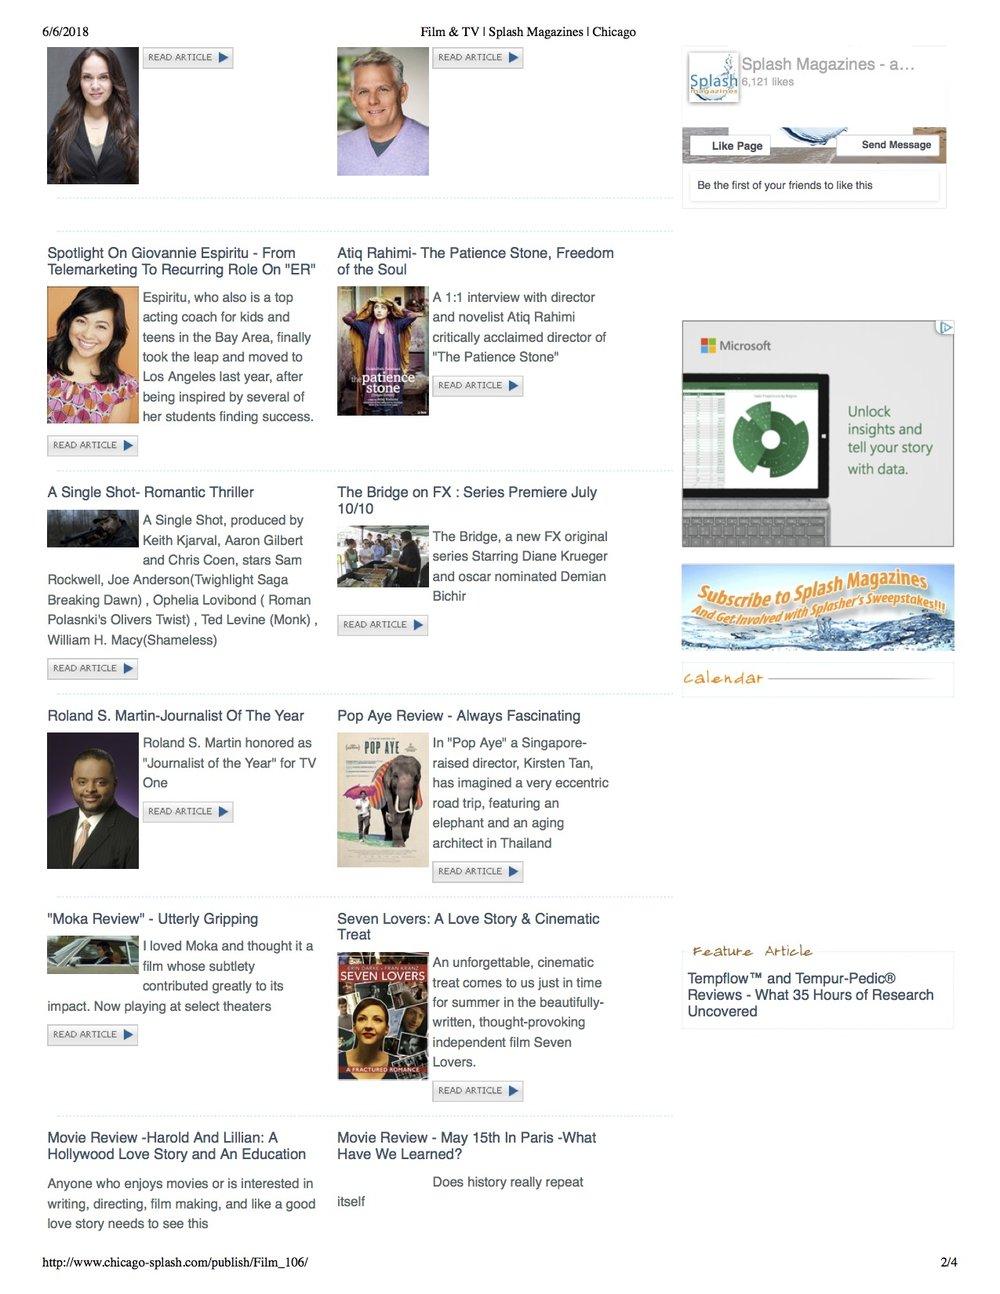 2Film & TV _ Splash Magazines _ Chicago.jpg